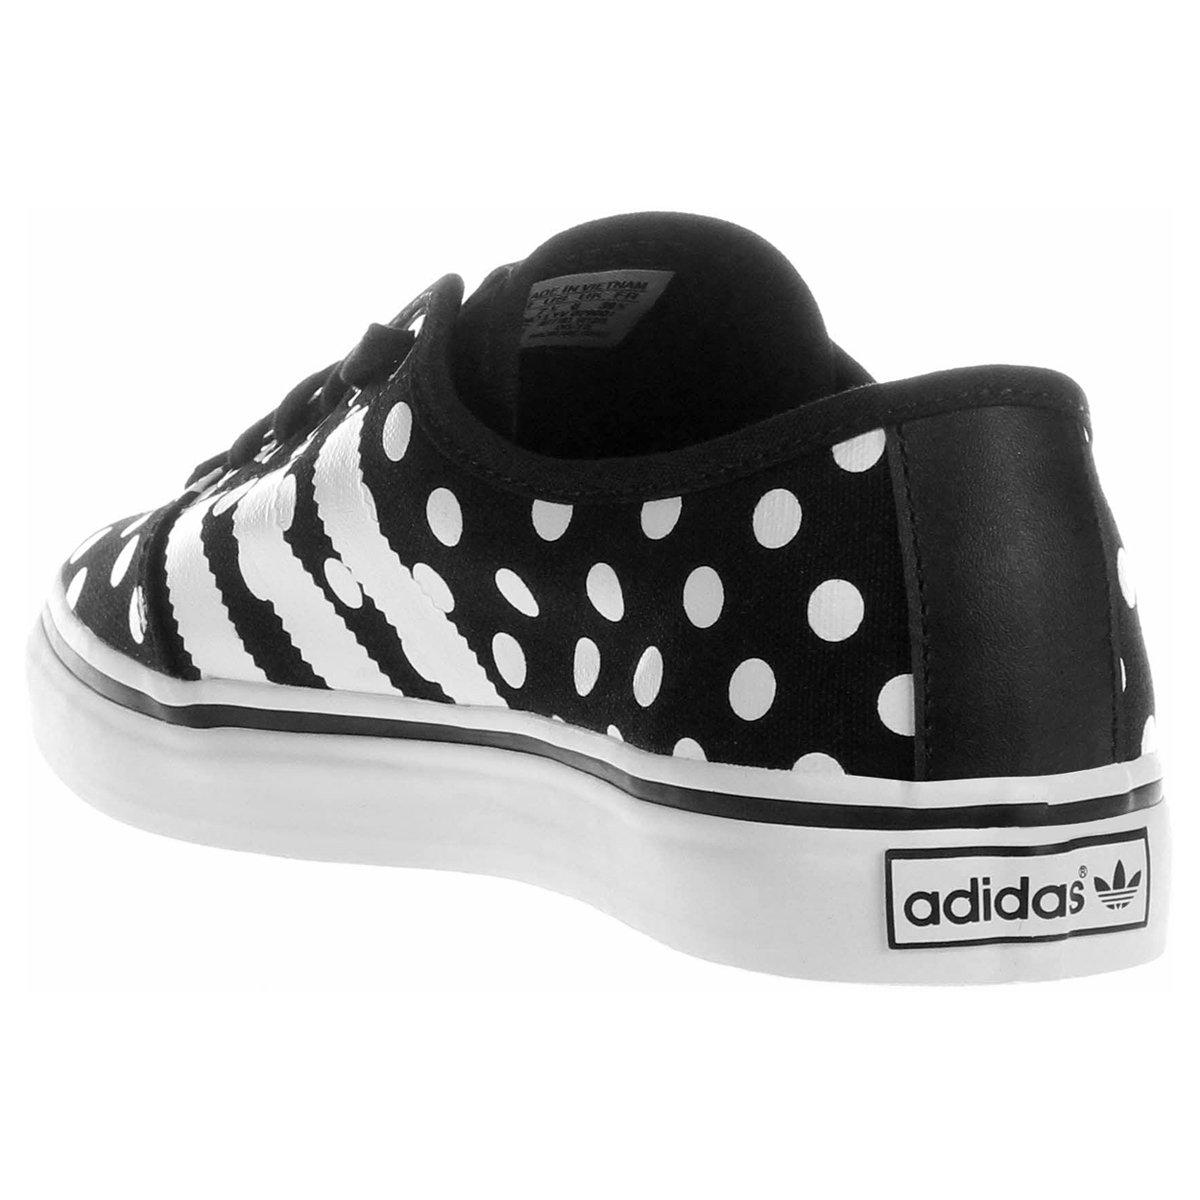 38b2bb7e9a Tênis Adidas Adria Lo W - Compre Agora